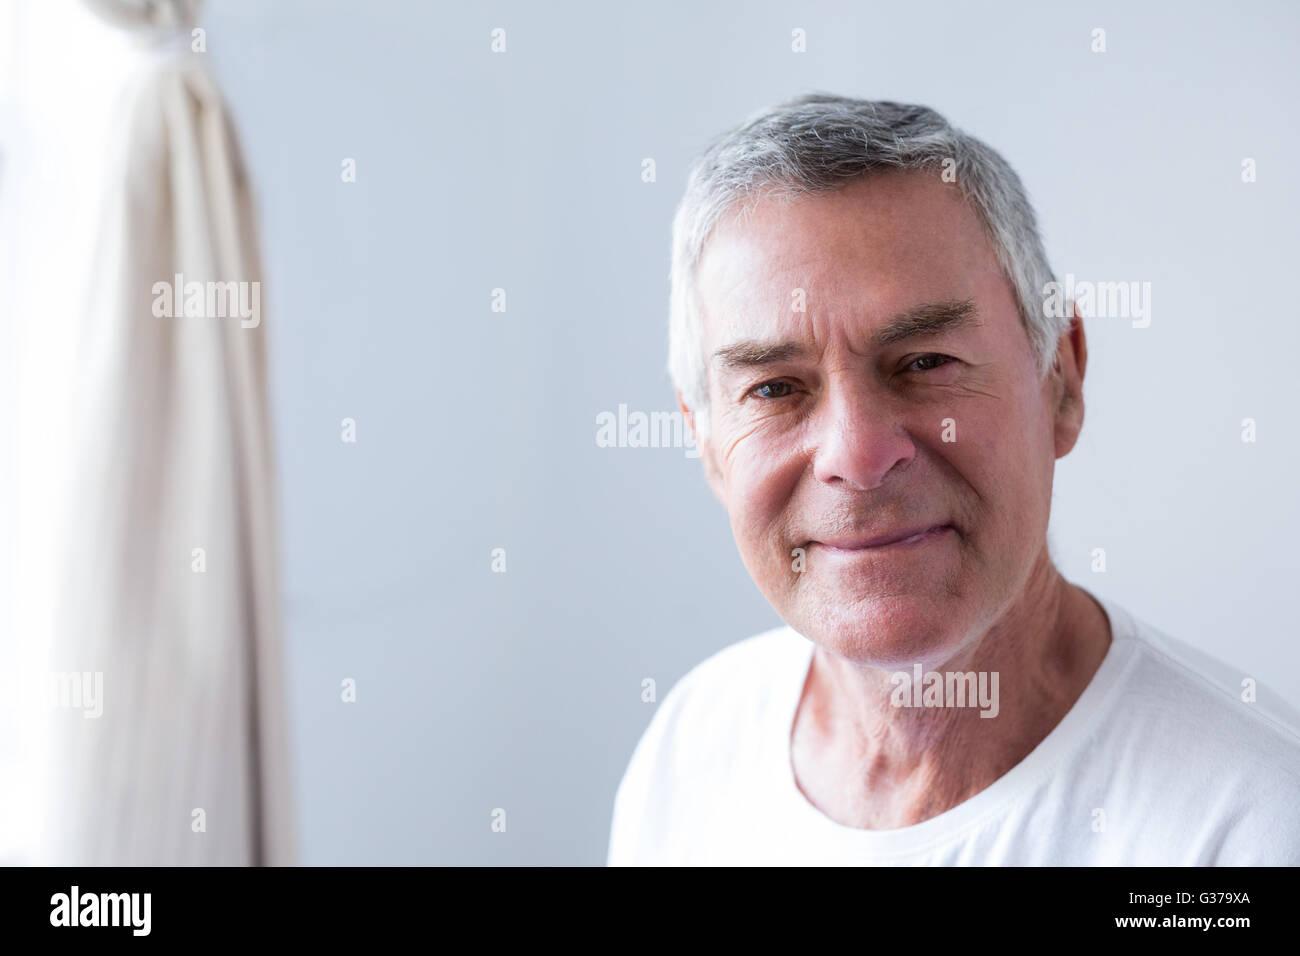 Portrait von älteren Mann lächelnd Stockbild